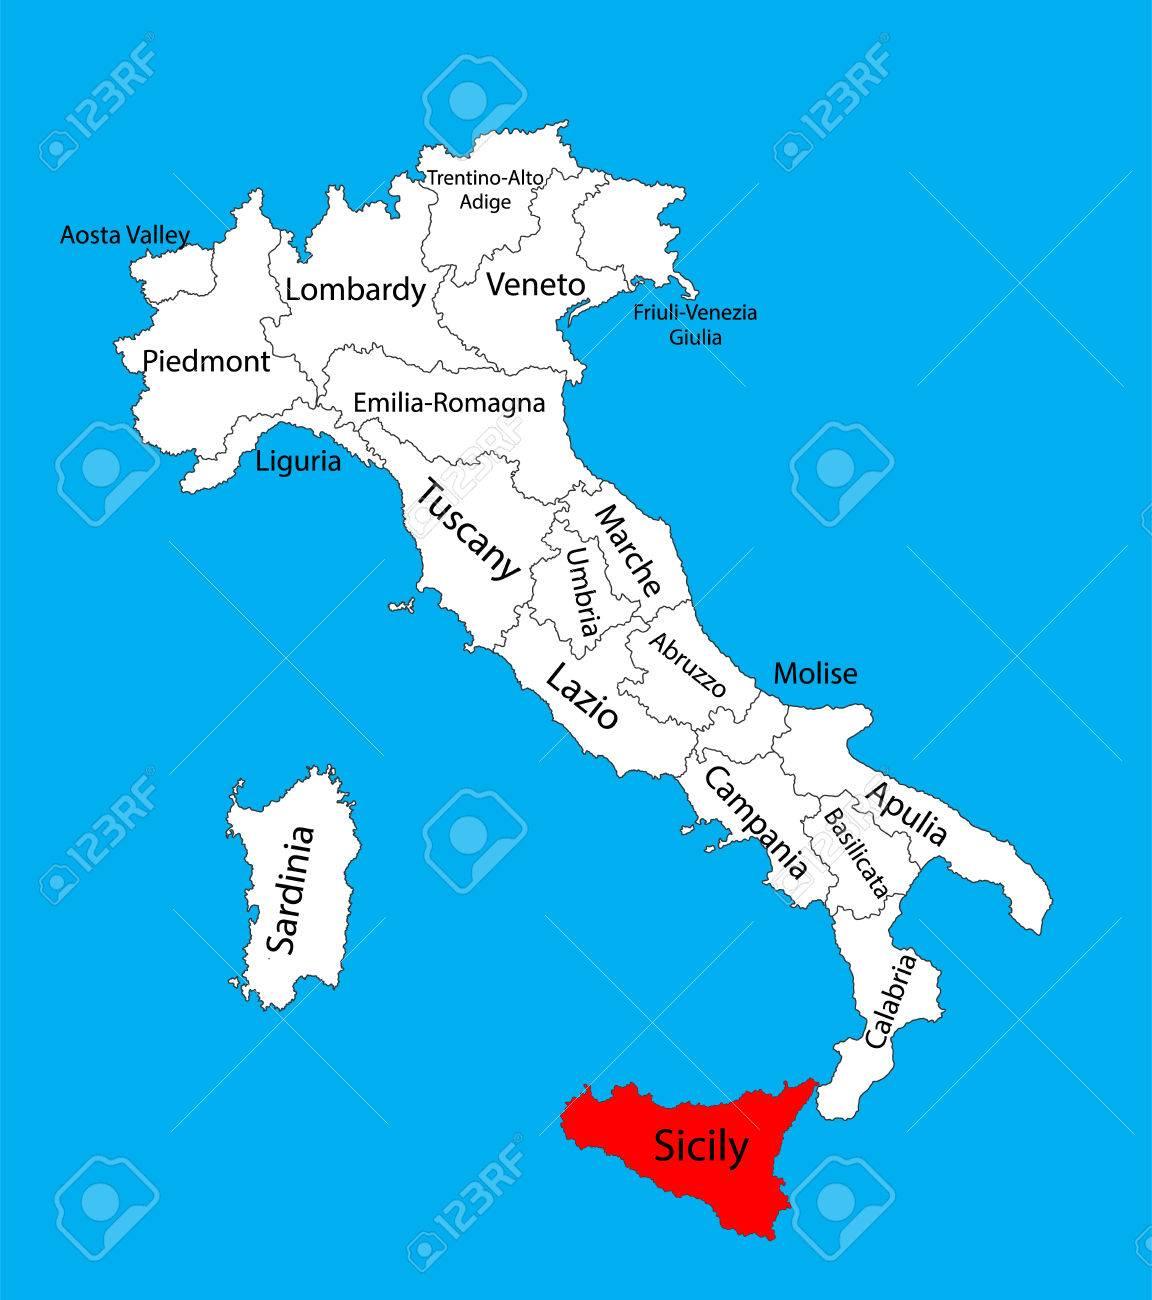 Carte Sicile Italie.Sicile Italie Illustration De Carte Vectorielle Isolee Sur Fond Vecteur De Carte Modifiable De L Italie